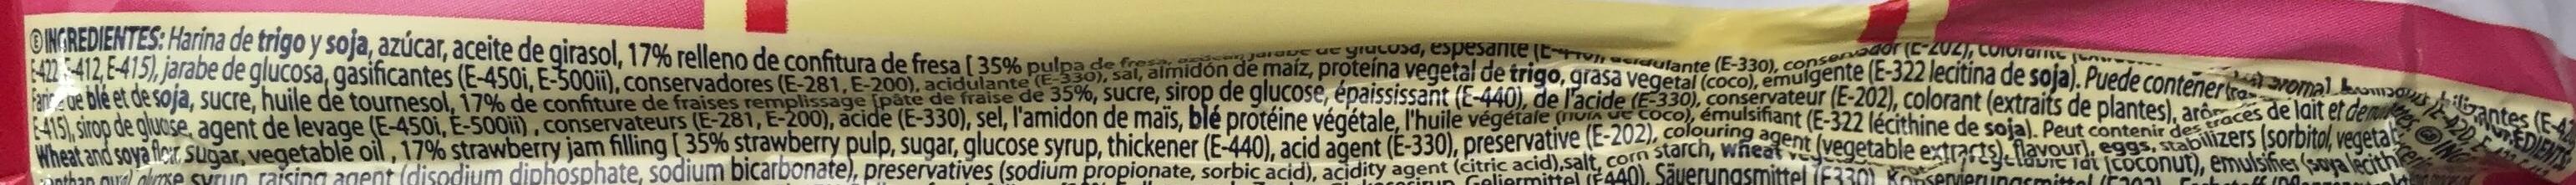 6 magadalenas fourrées à la confiture de fraise - Ingrédients - fr